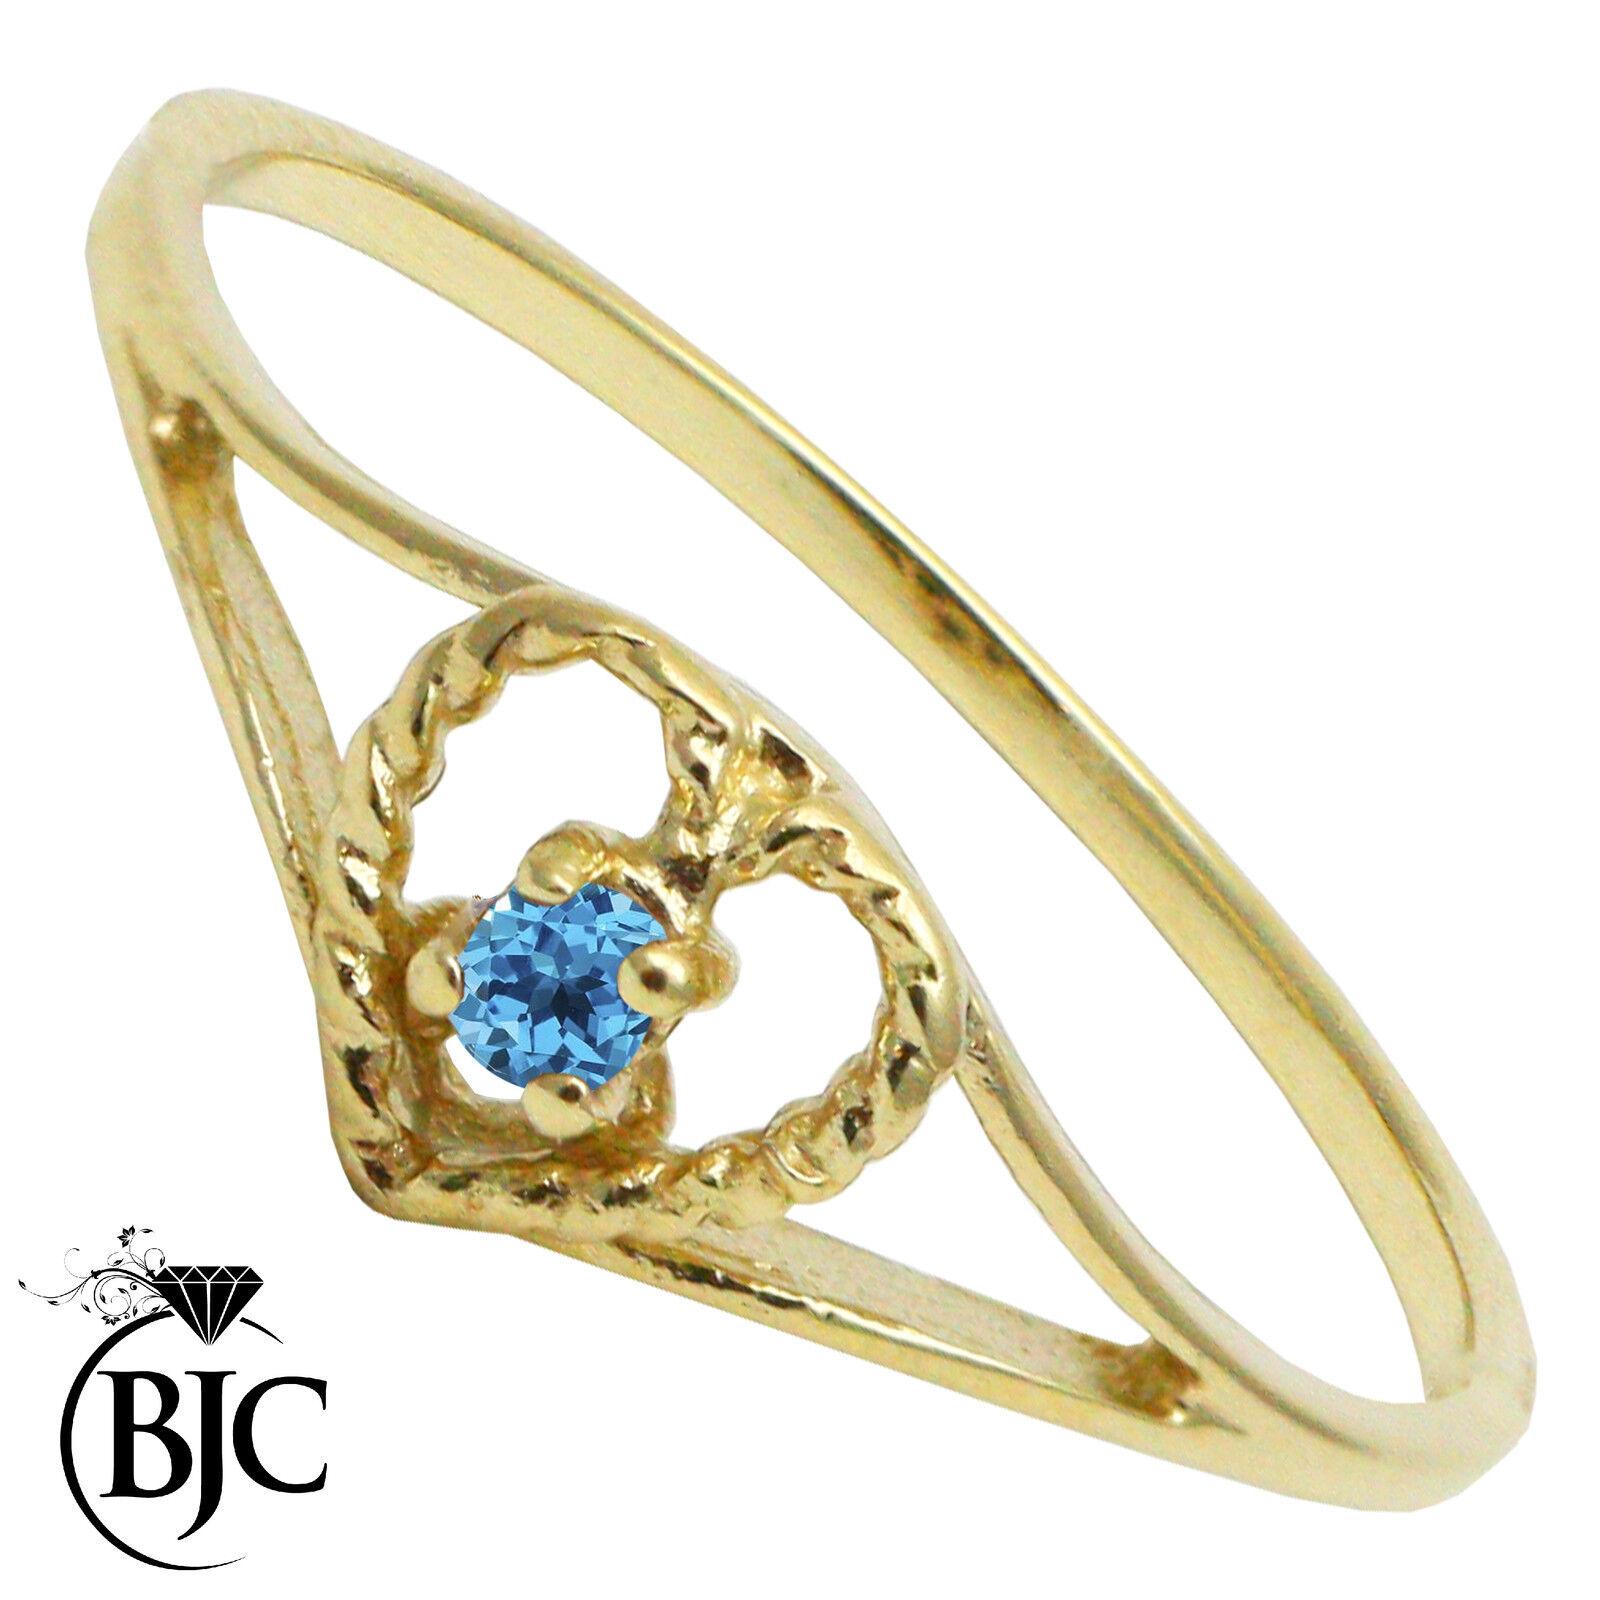 BJC 9 Ct Or yellow topaze bluee SOLITAIRE COEUR size N Bague de fiançailles